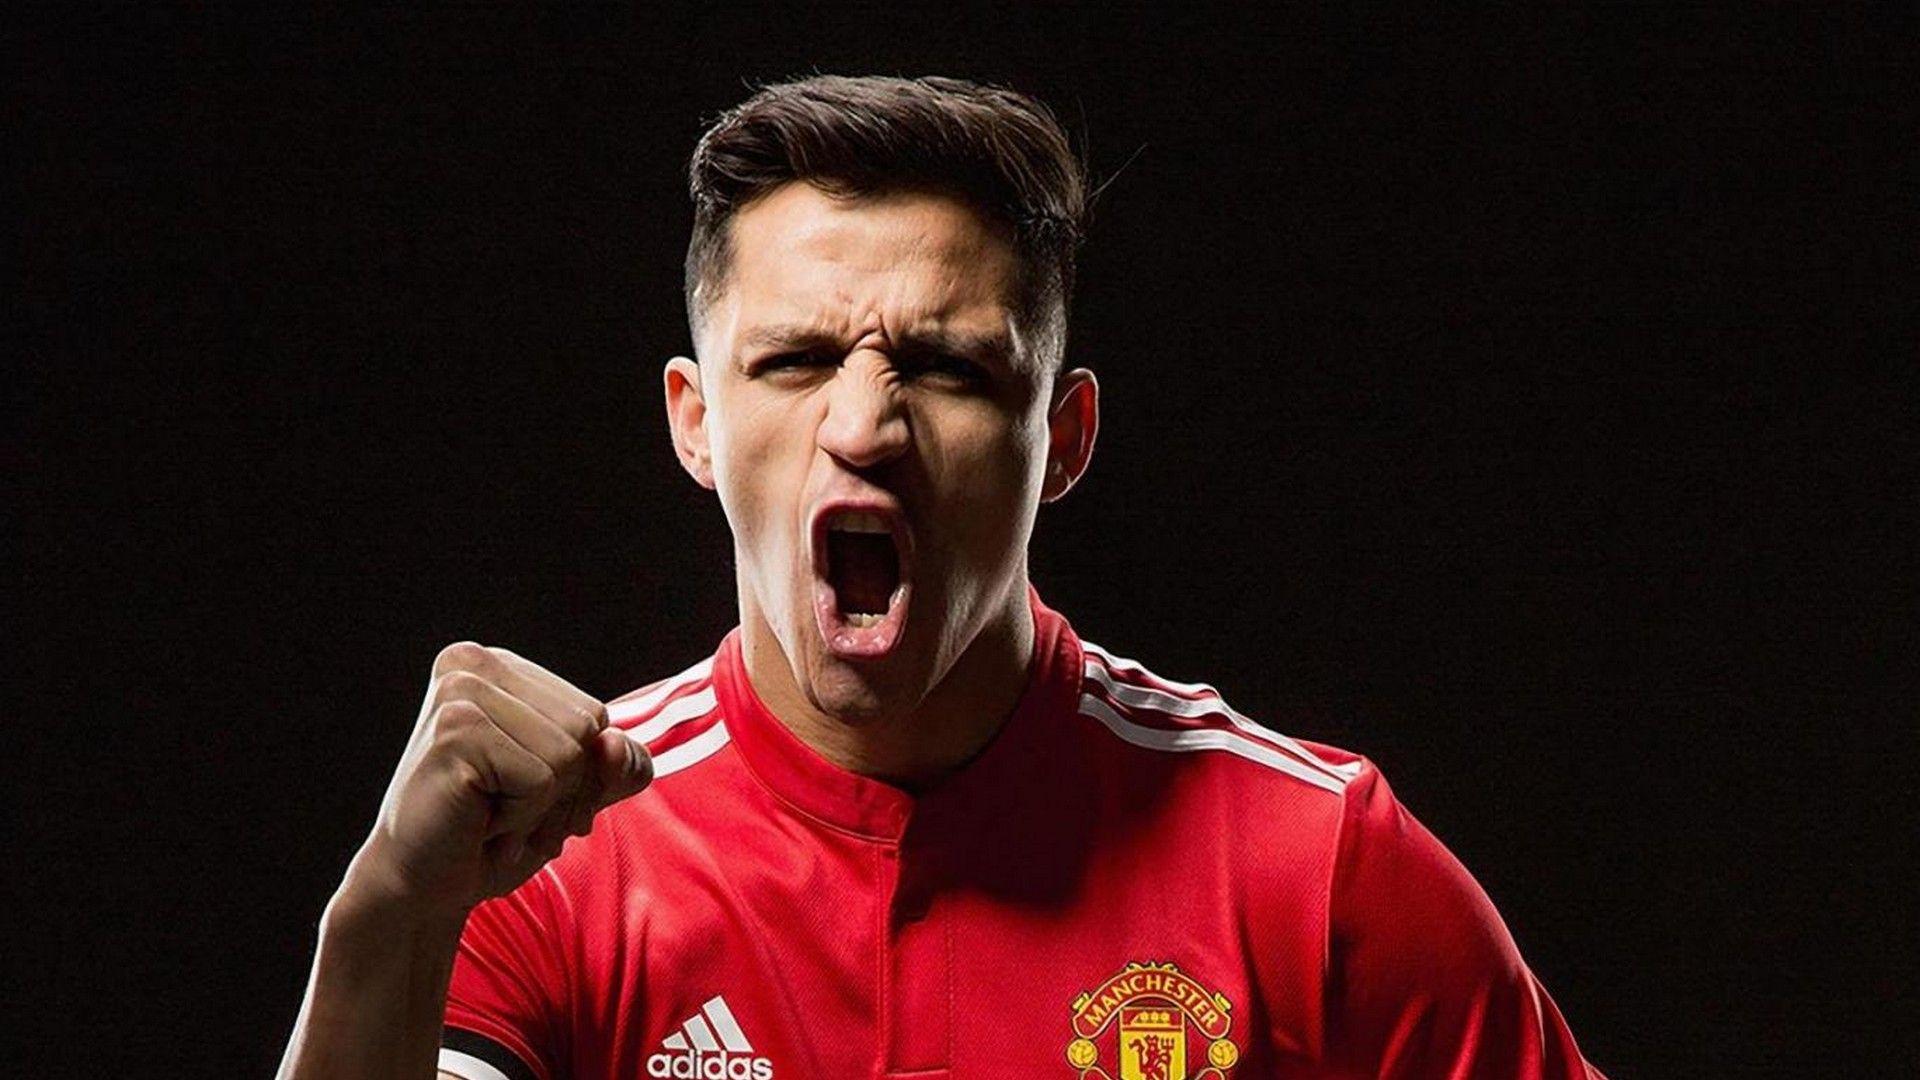 Alexis Sanchez Manchester United Desktop Wallpaper (With